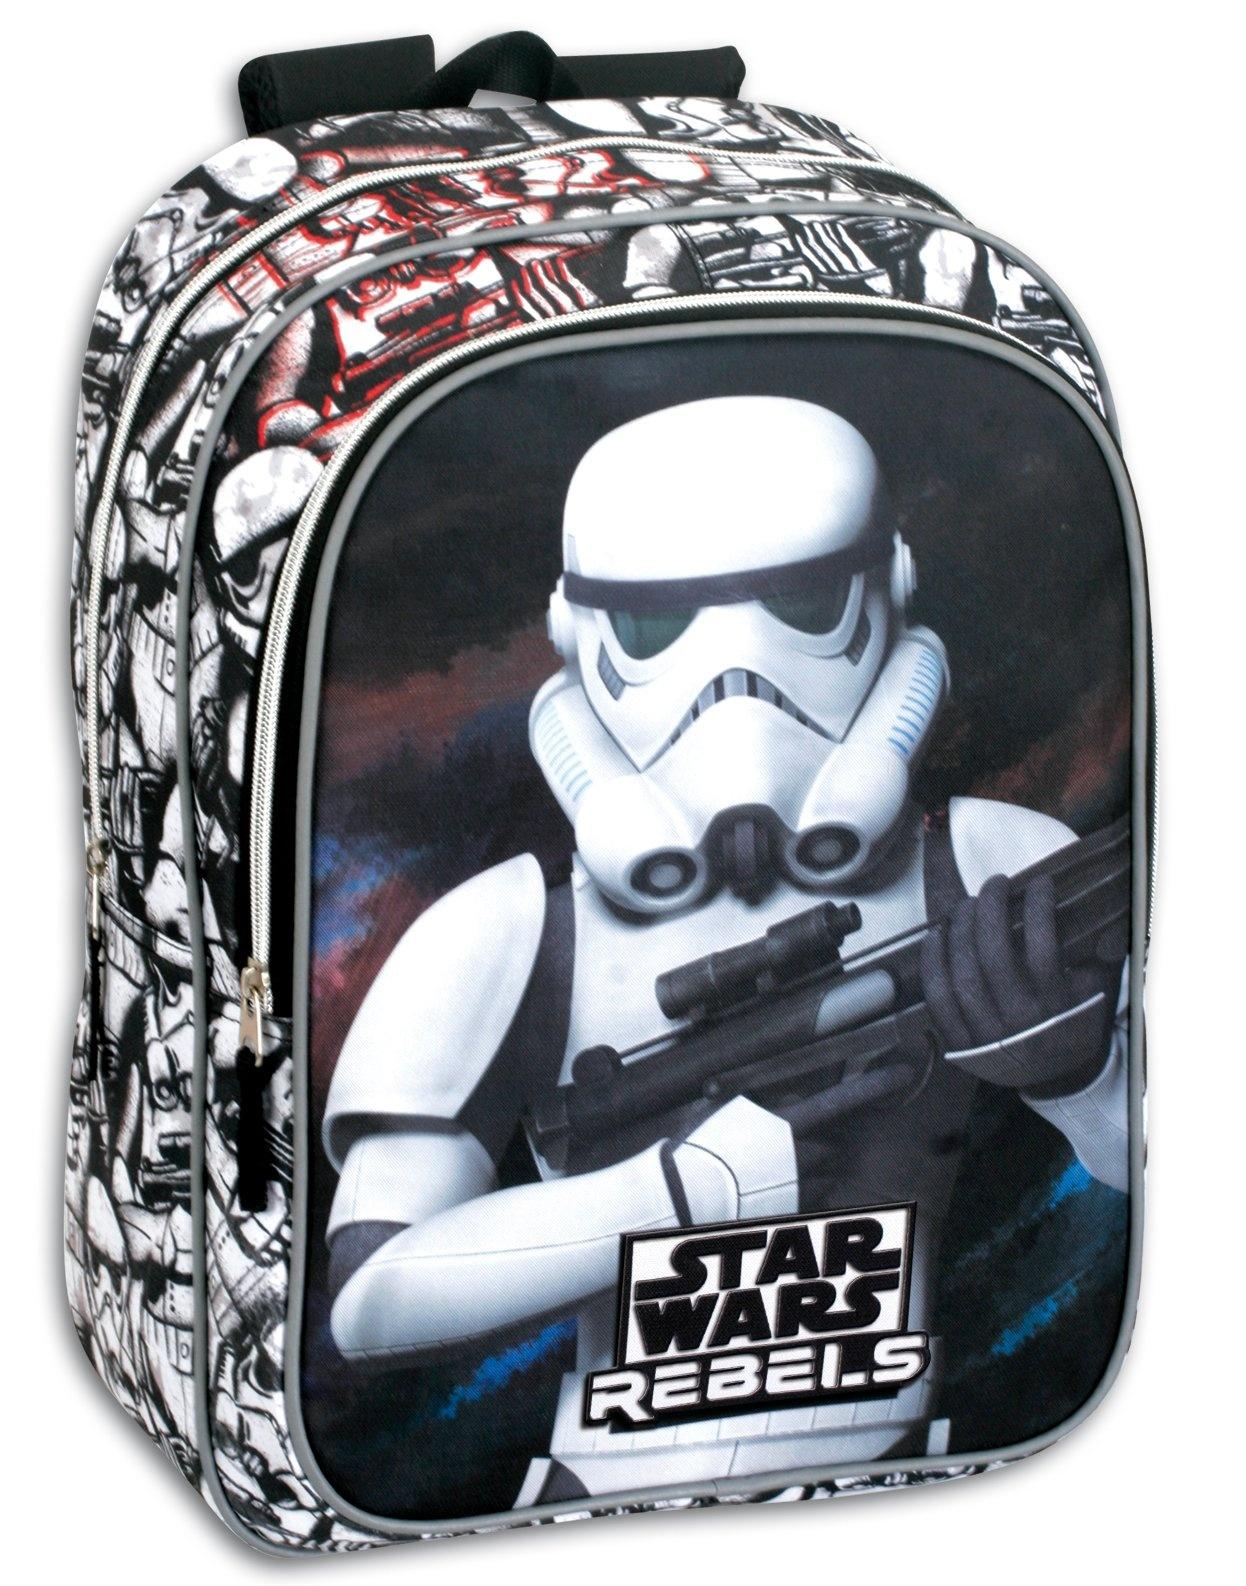 229a9e5e828 Star Wars. Χαρακτηριστικά. Κωδικός προϊόντος: MON41081. Τσάντα με μπροστινή  Trooper Star Wars μεγάλη